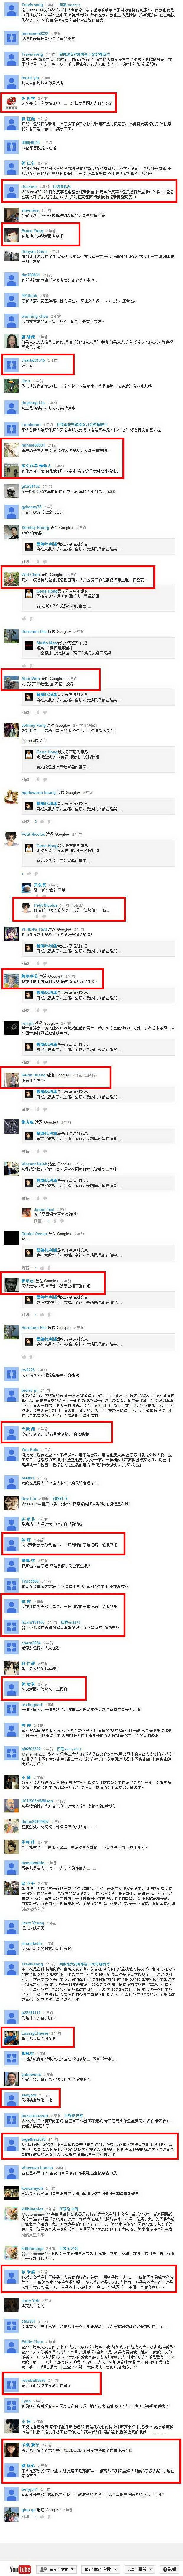 馬接金釵水 周美青回瞪他-民視新聞 .2012.10.19-03.jpg